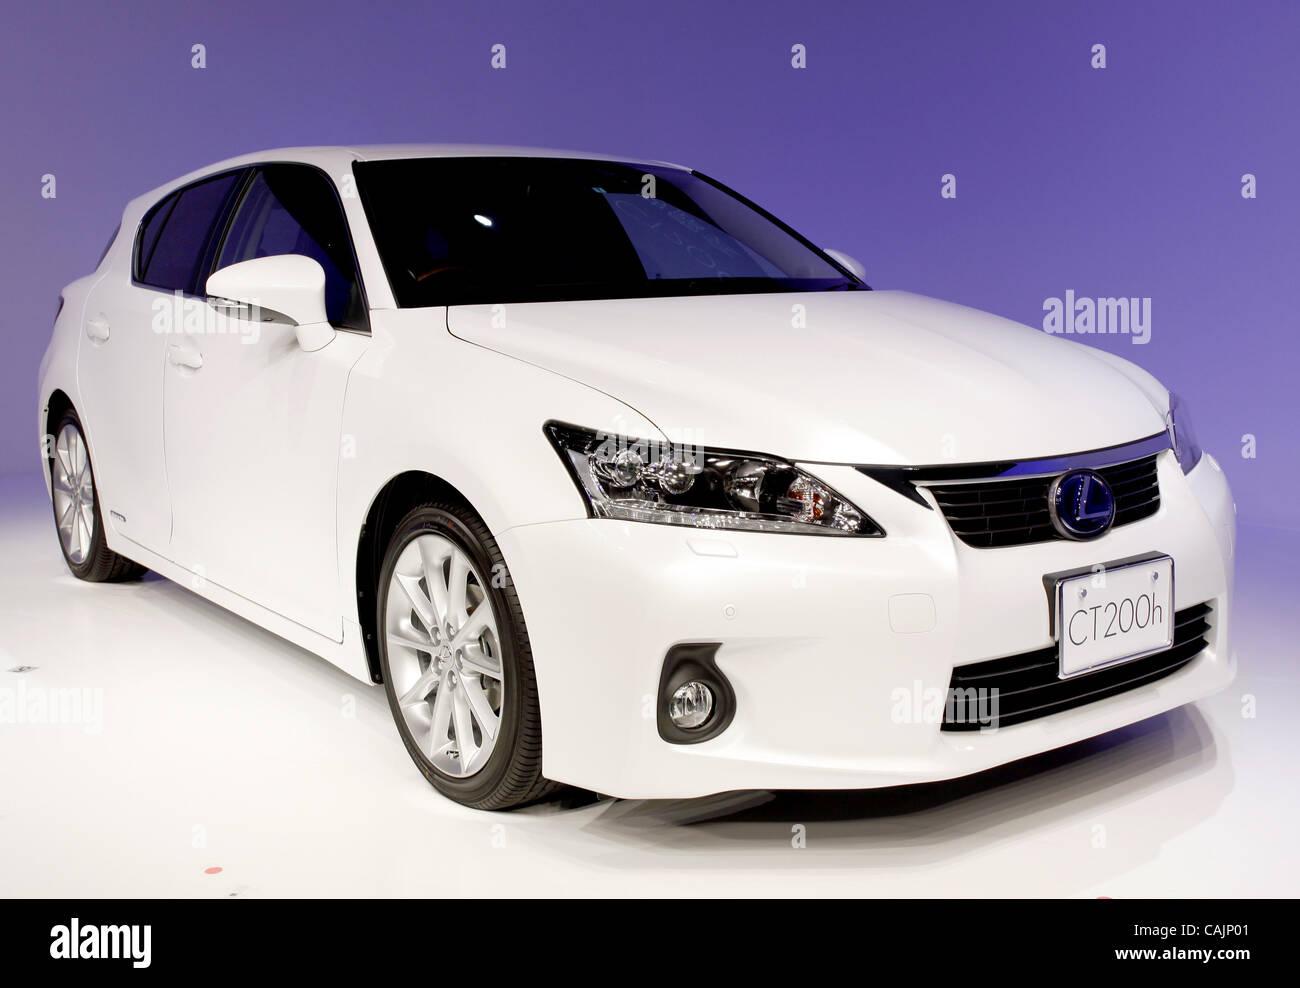 Enero 12, 2011 - Tokio, Japón - Toyota Motor Corporation's recién introducido ''coche Lexus Imagen De Stock